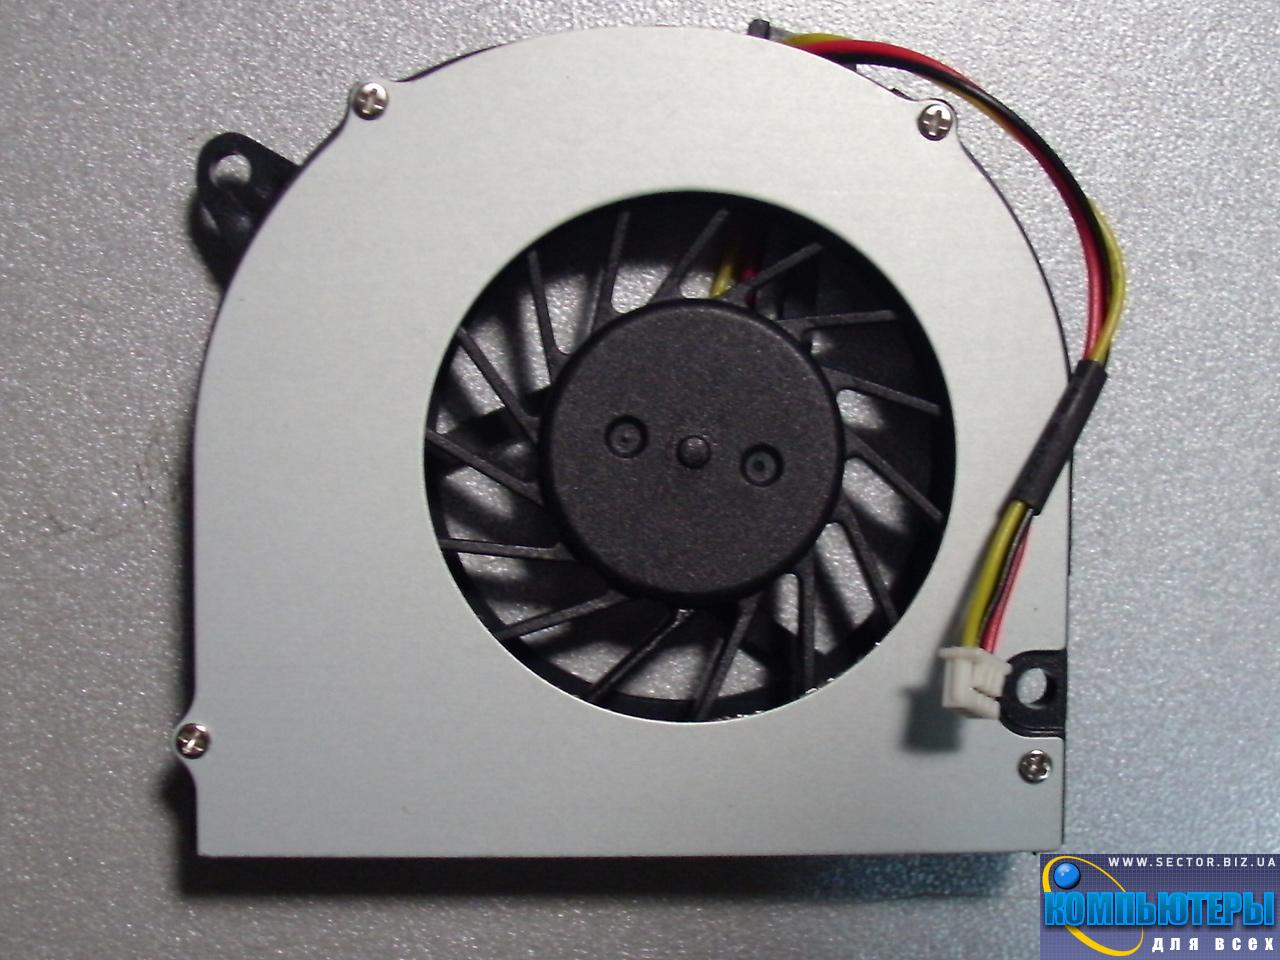 Кулер к ноутбуку HP Compaq 540 541 6510b 6515b 6520s 6530b 6710b 6710s 6715s 6715b p/n: DFB451005M20T. Фото № 1.